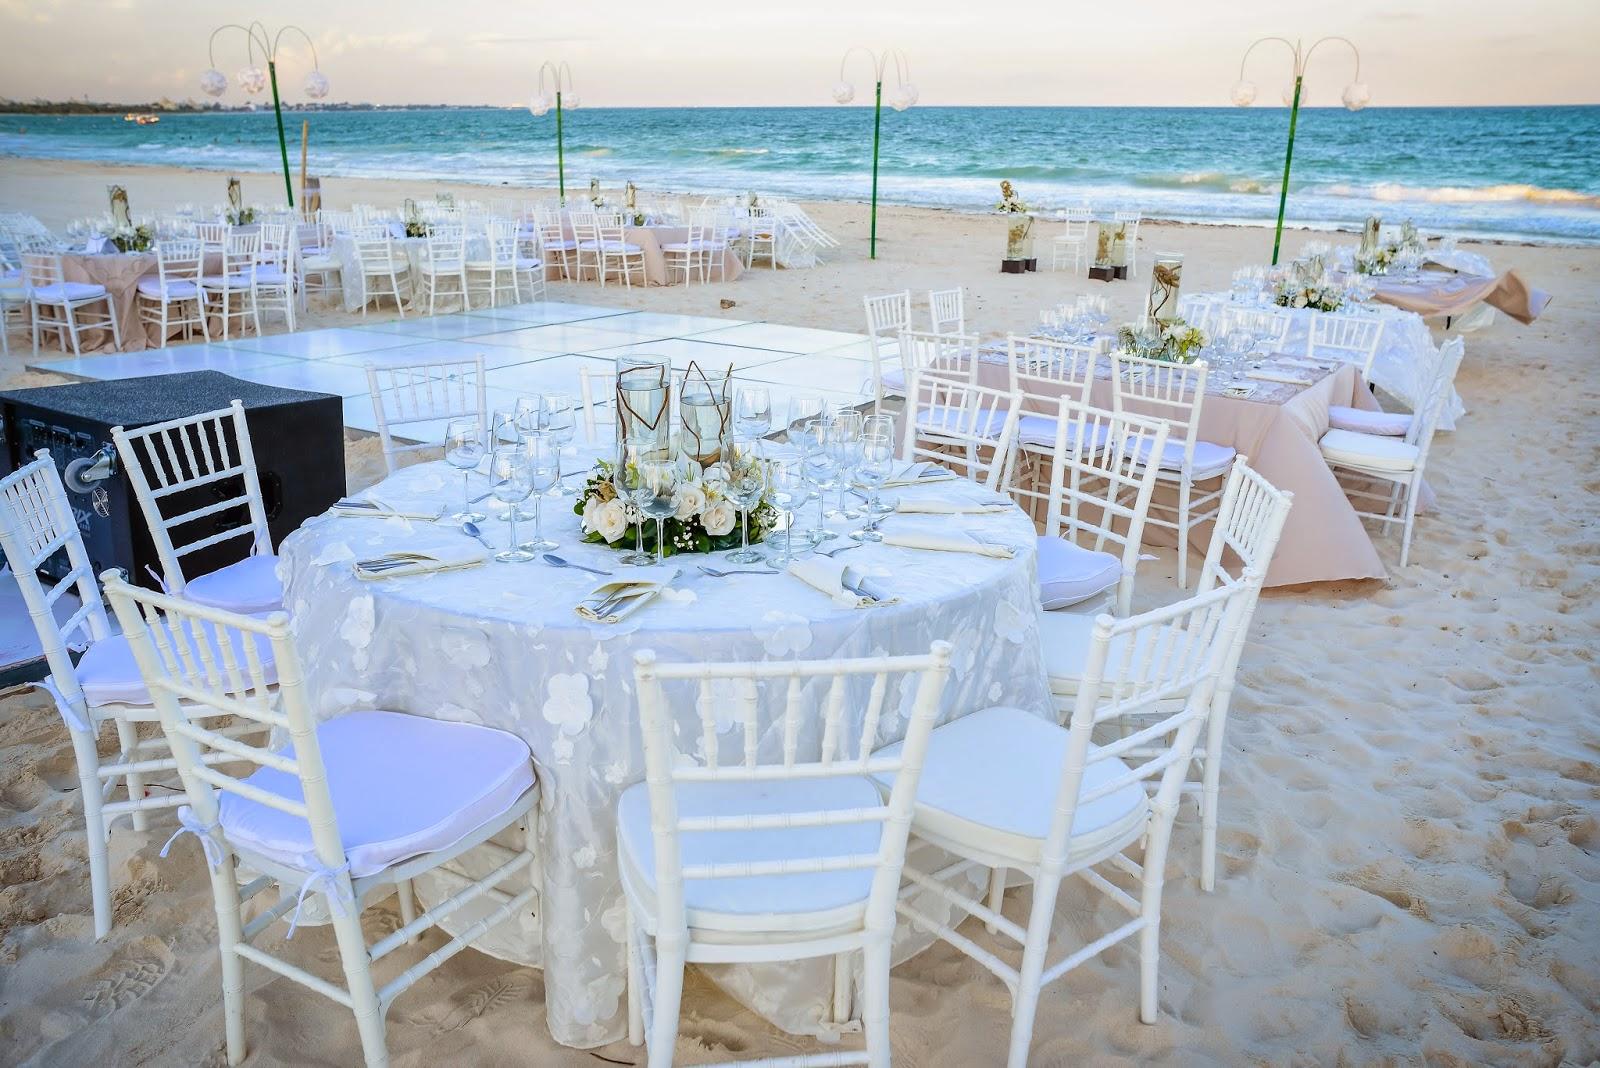 Party boutique canc n boda a la orilla del mar - Cristales para mesas redondas ...